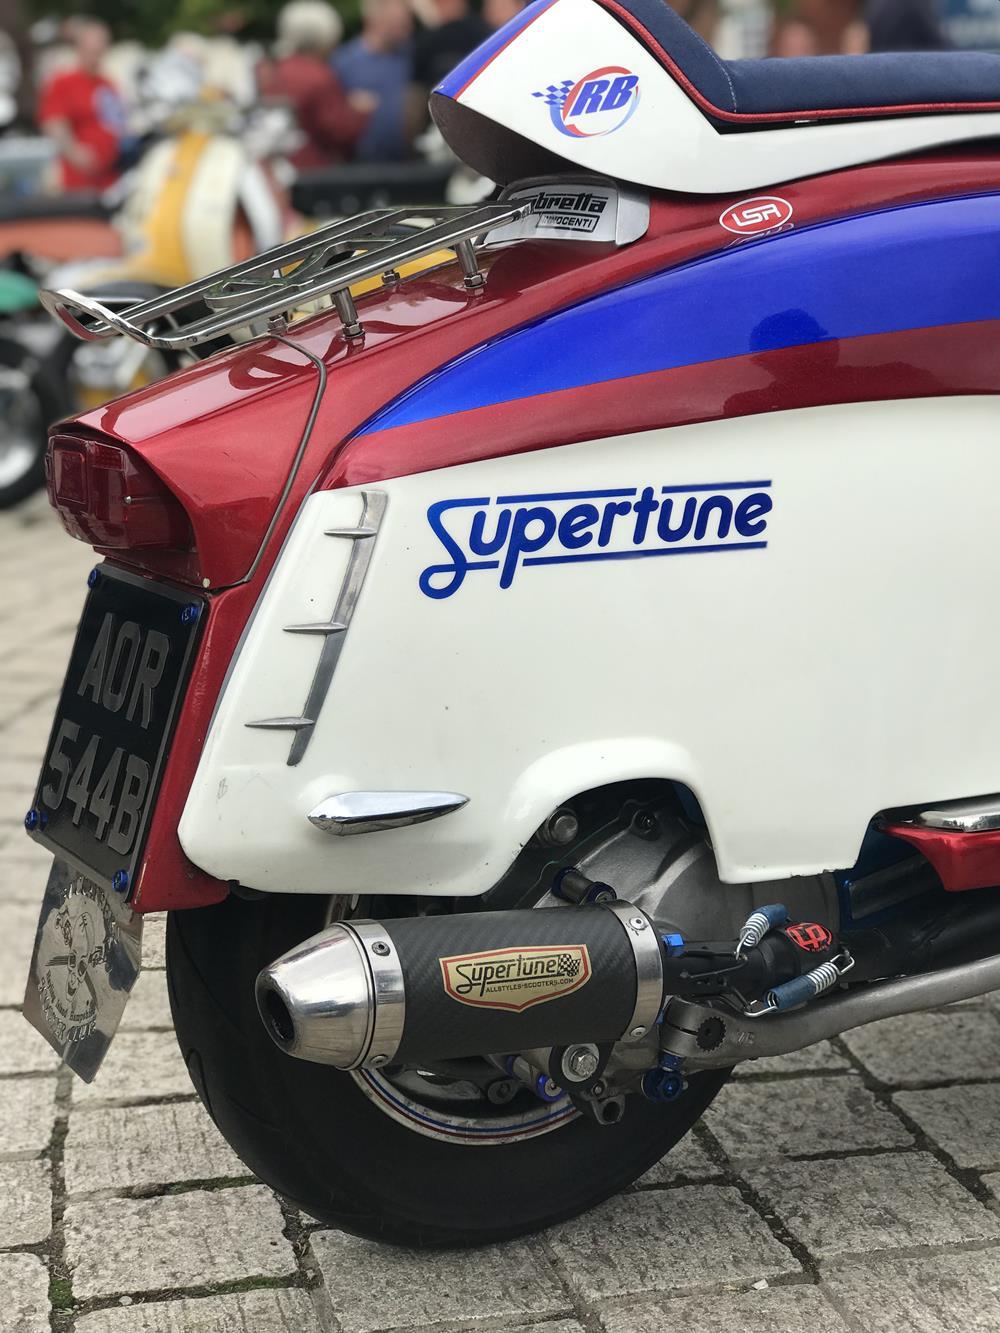 Supertune side panel on a Lambretta